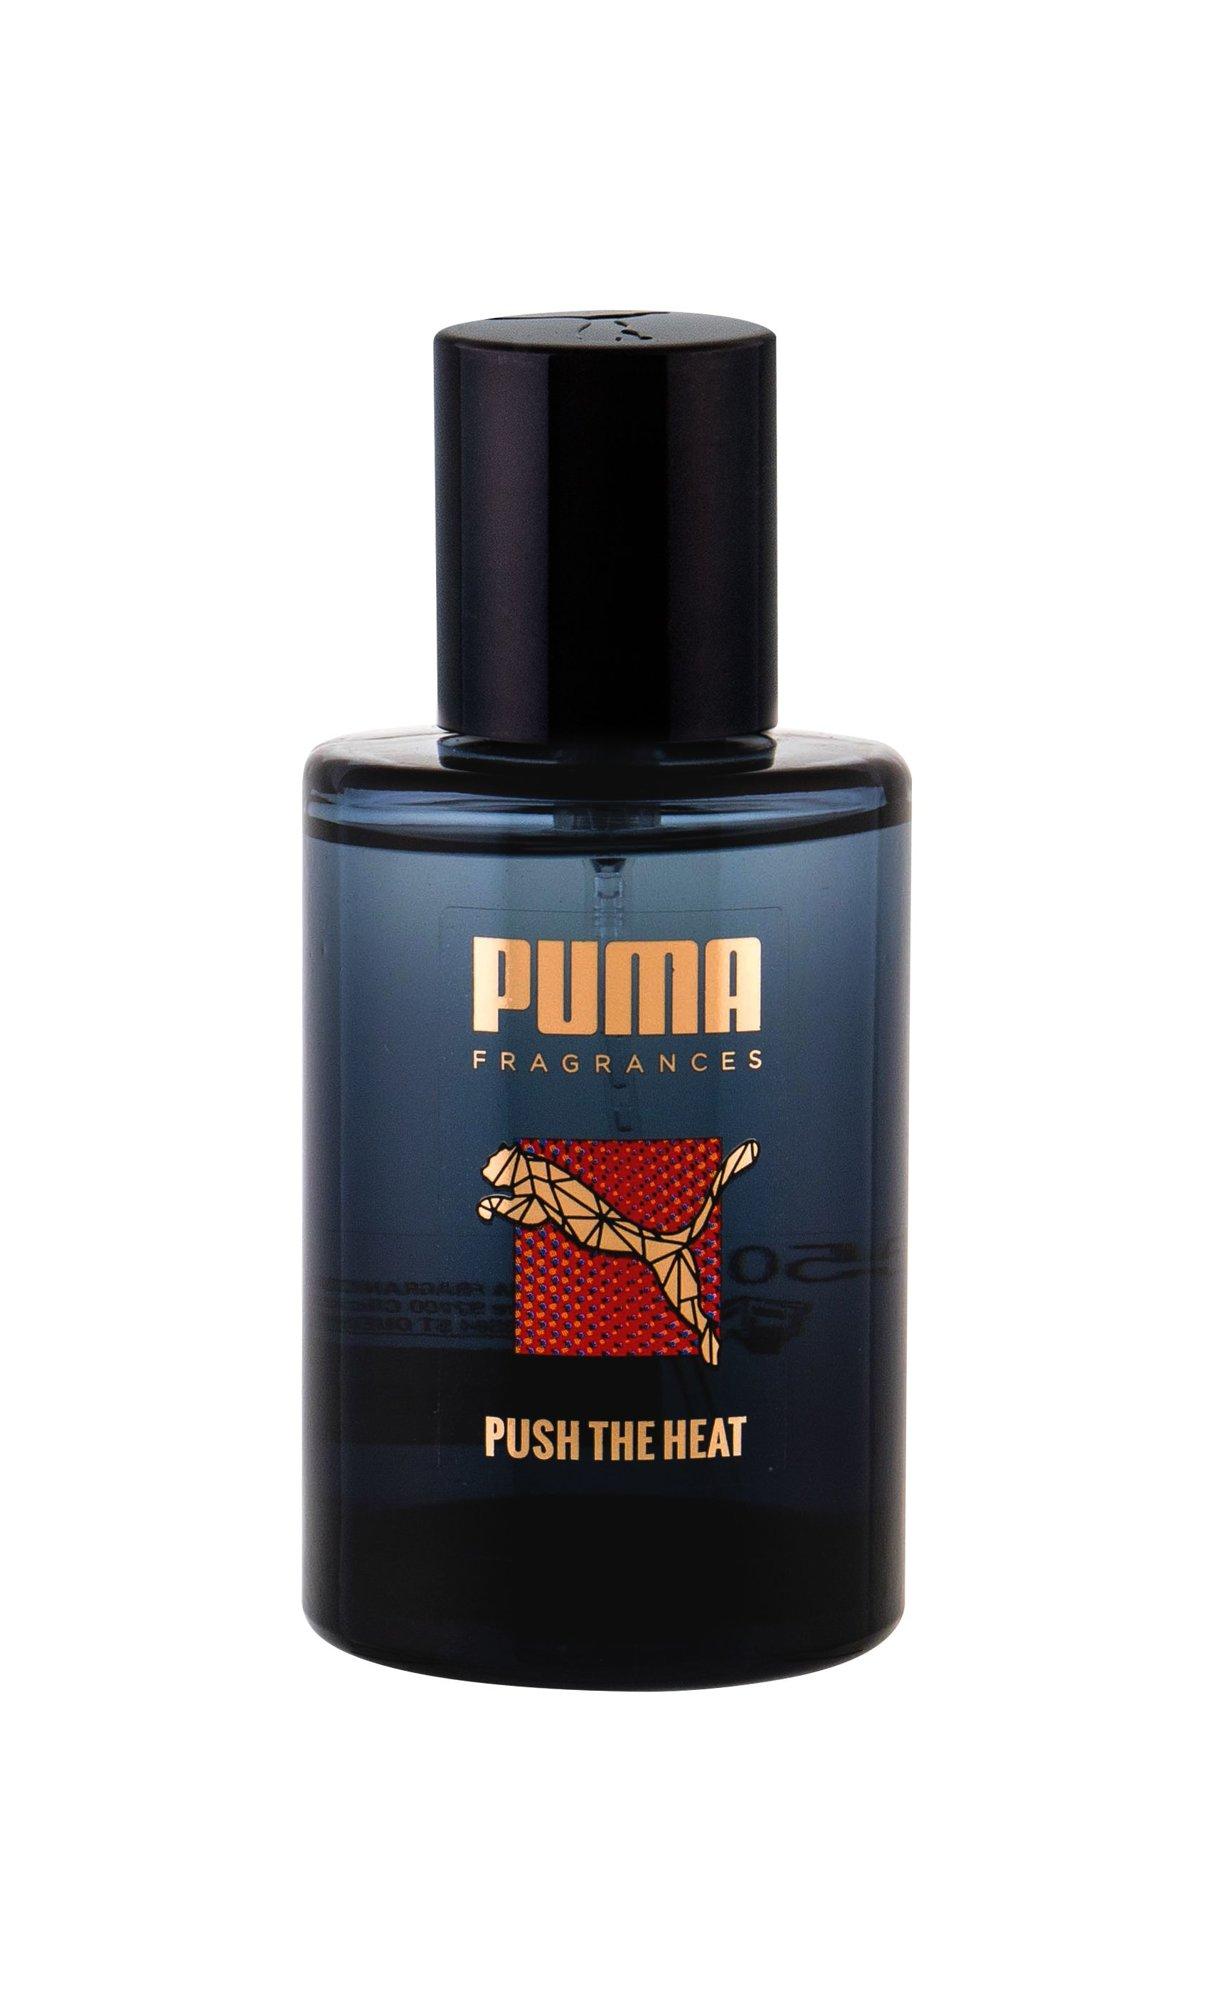 Puma Push The Heat Eau de Toilette 50ml